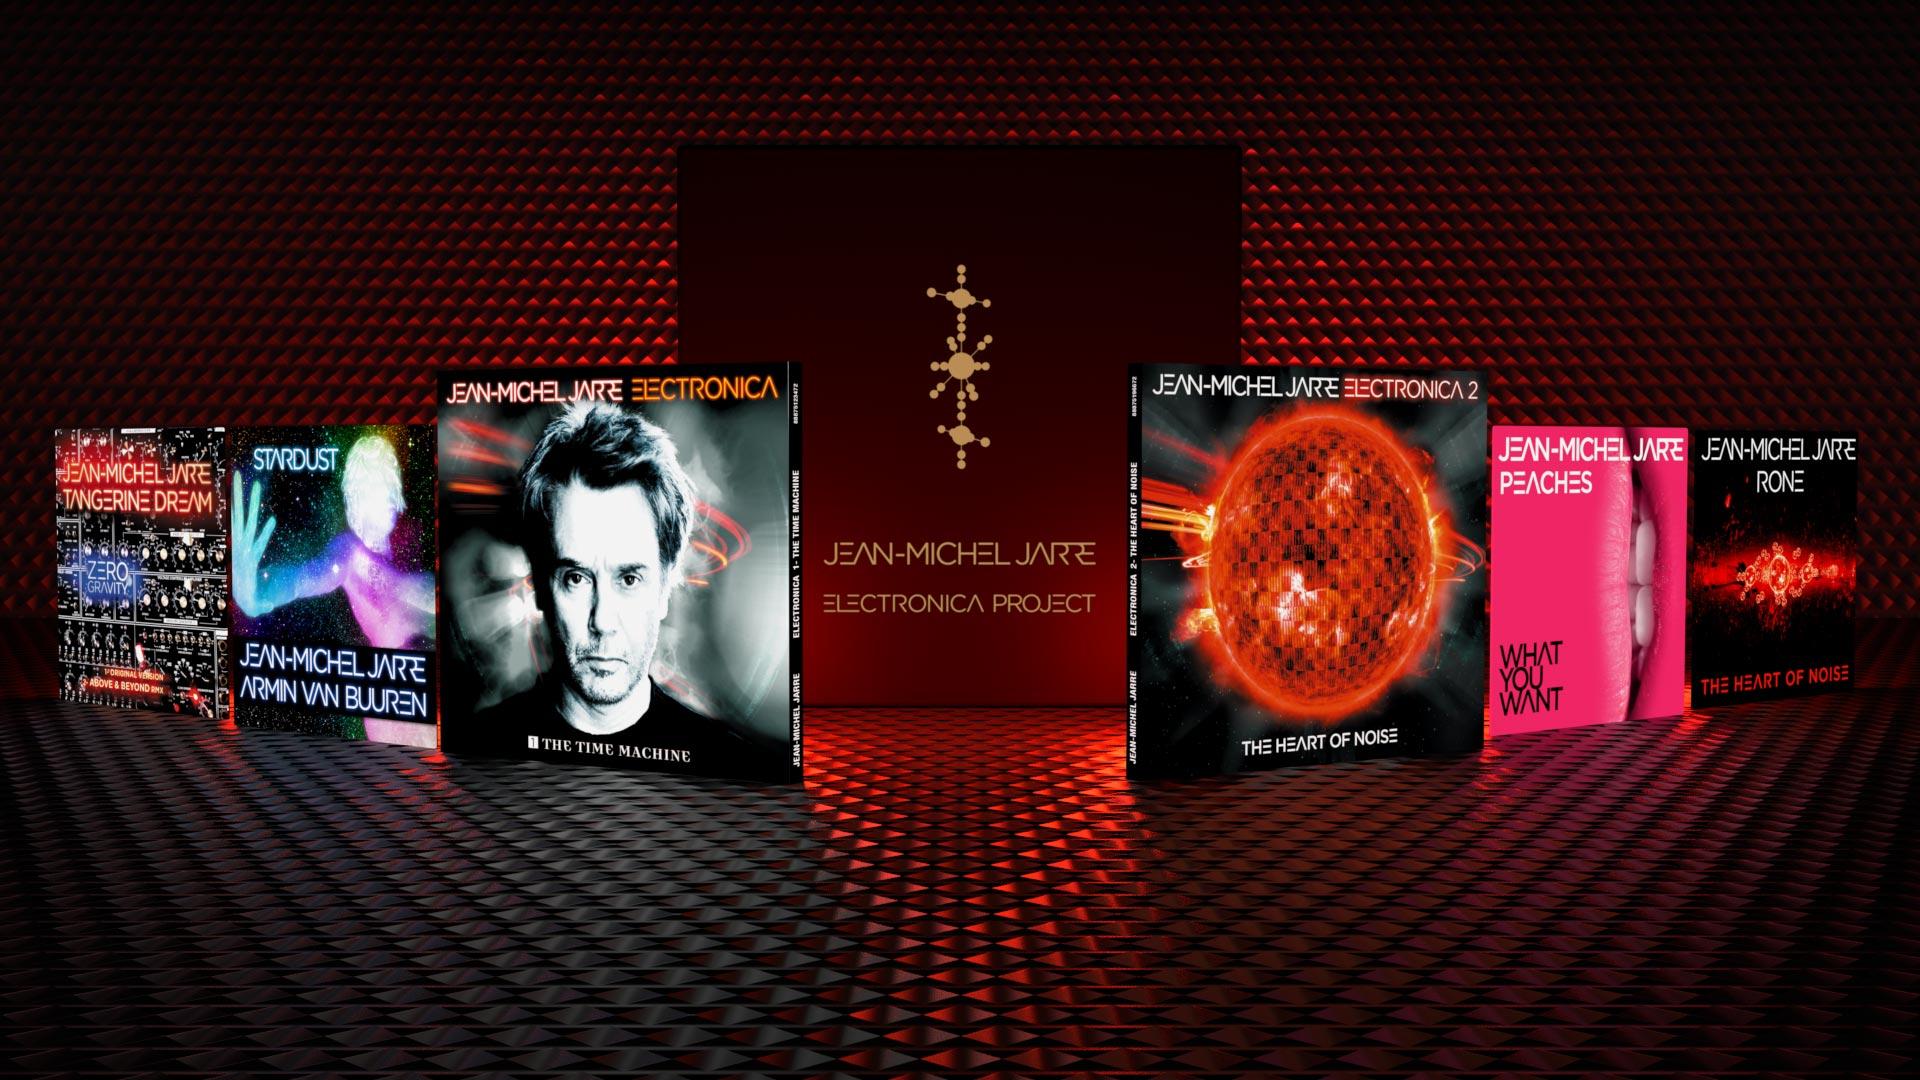 Design Graphique des éléments du Projet Electronica de Jean-Michel Jarre : Albums The Time Machine et The Heart of Noise, Coffret Deluxe, Coffret Fanbox, Singles.